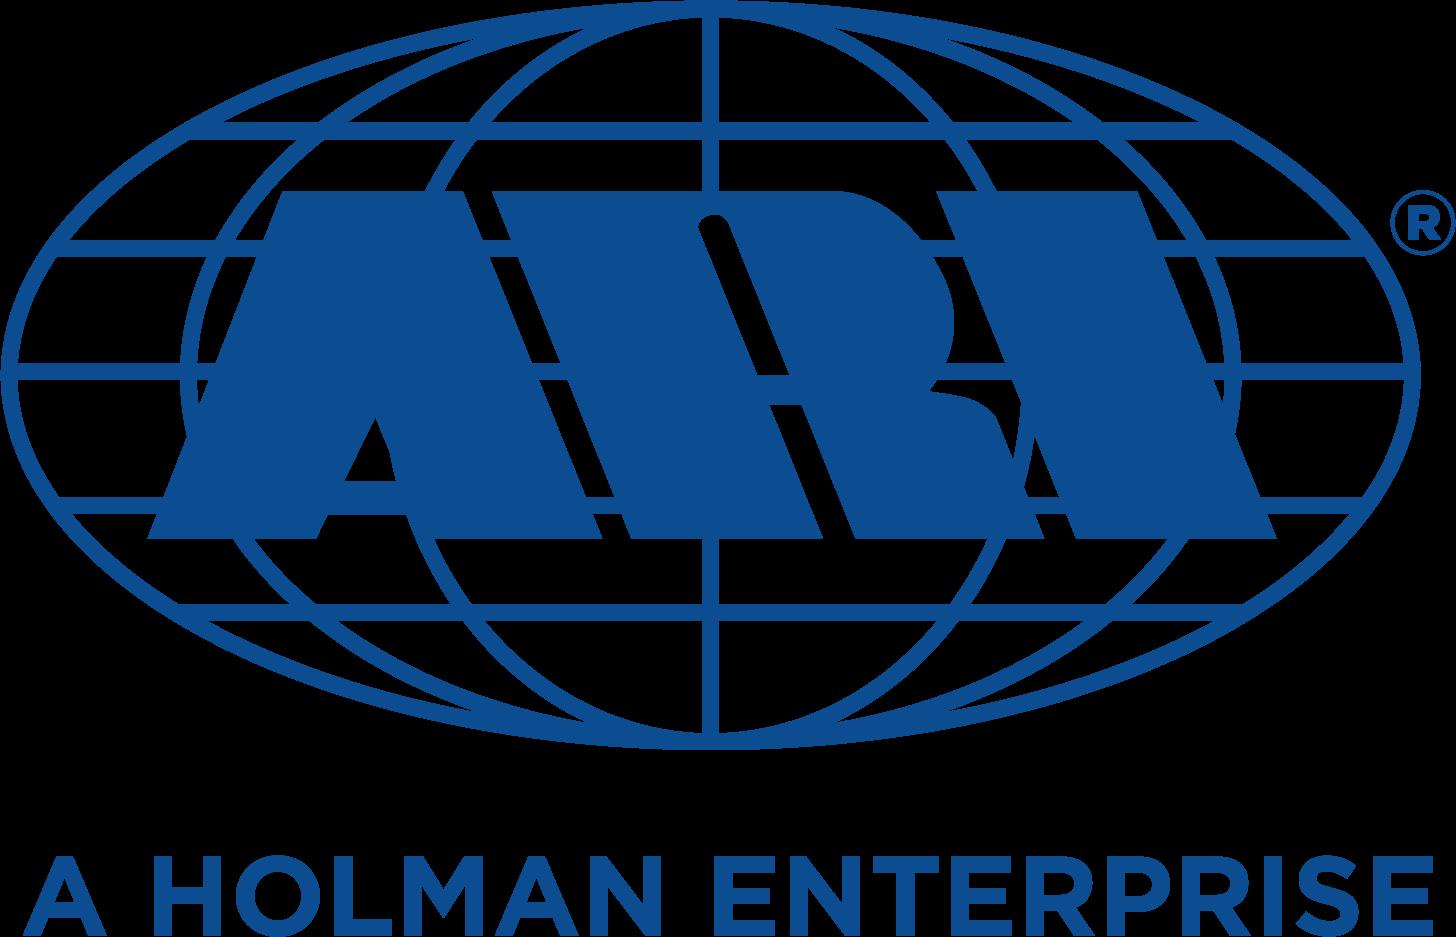 ARI Holman Enterprise Logo